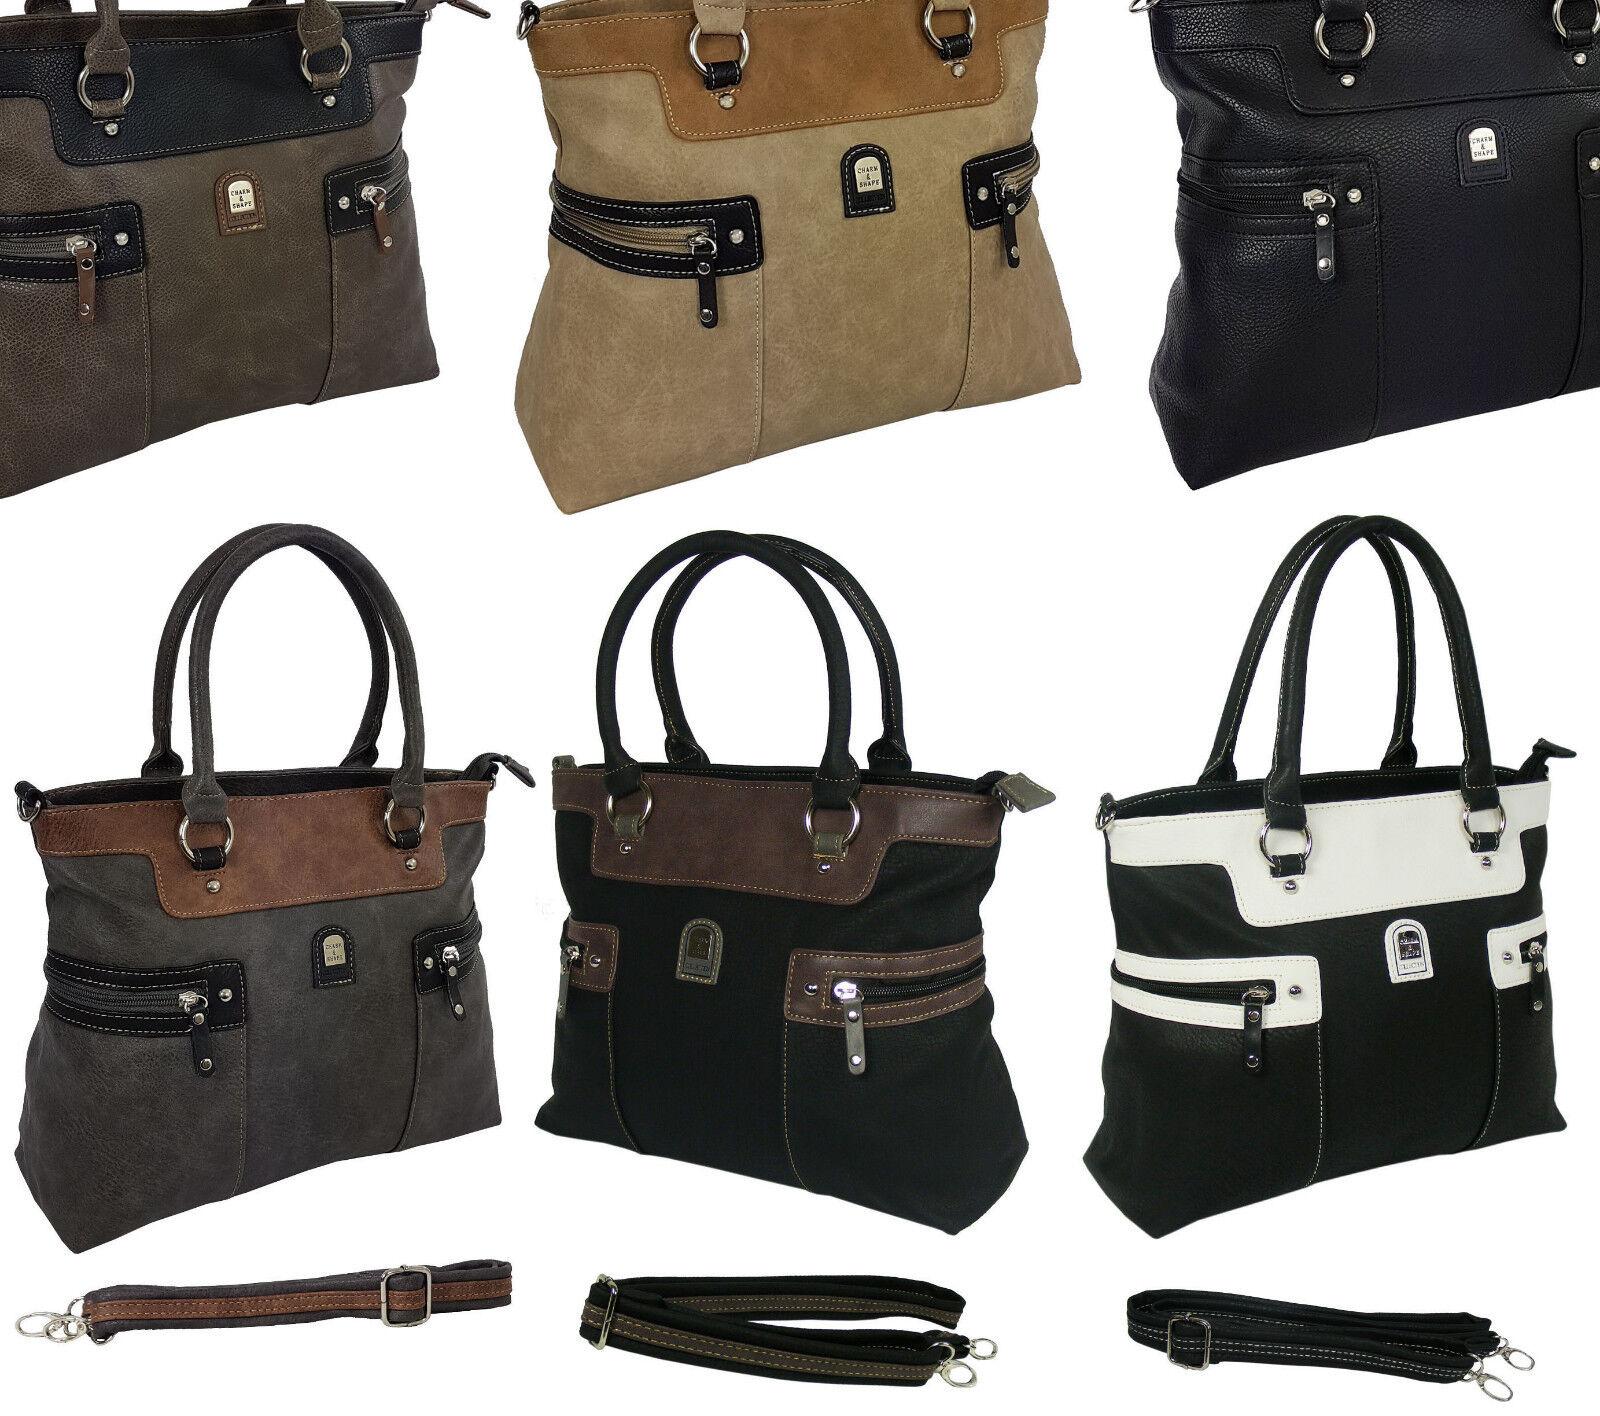 cde45f2475780 Handtasche Schwarz Schultertasche Damen Shopper Bag gross groß XL  Damentasche S7. Neu Damentasche Bag Handtasche Shopper Schultertasche  Tragetasche 1896     ...